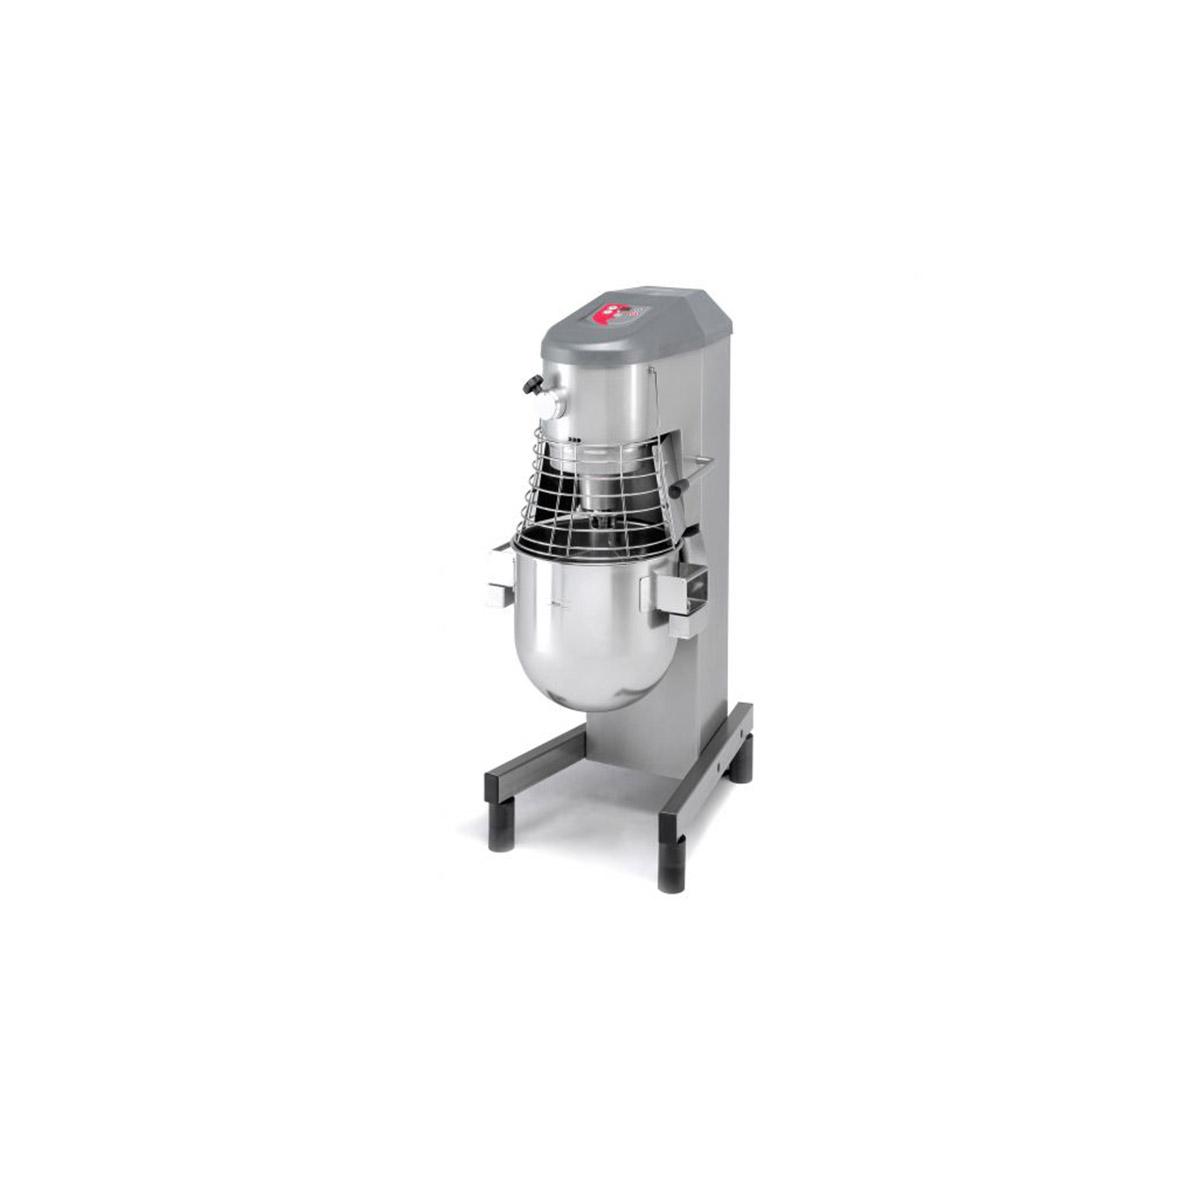 Sammic BE-30C Floor Standing Food Mixer